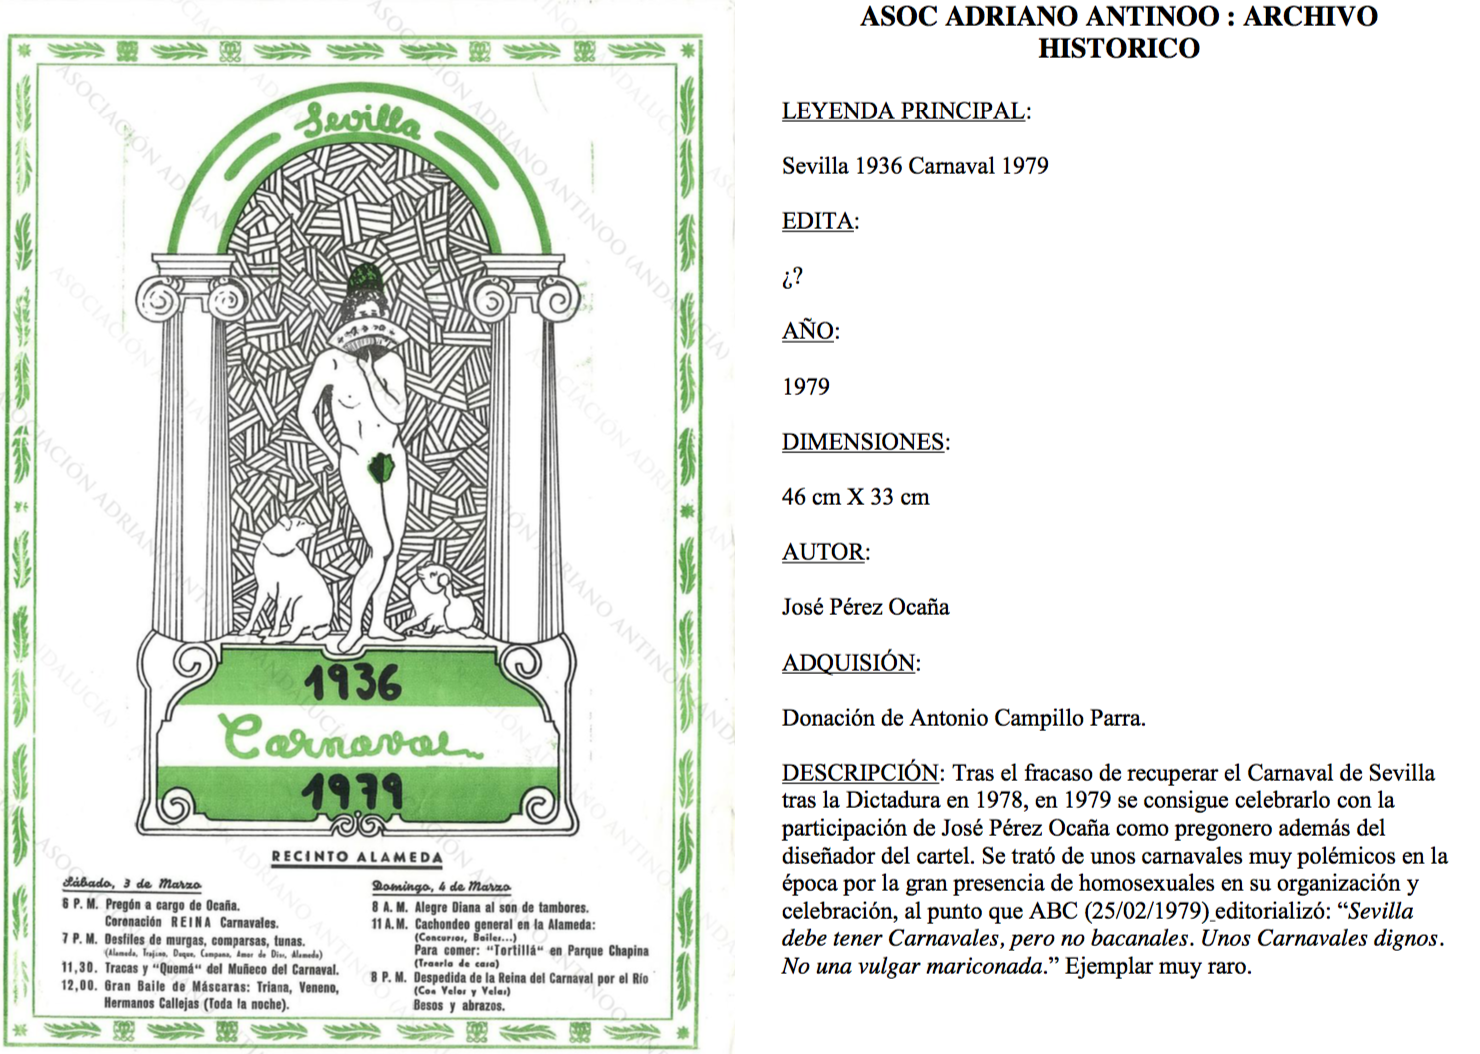 Movilizaciones homosexuales Adriano Antinoo